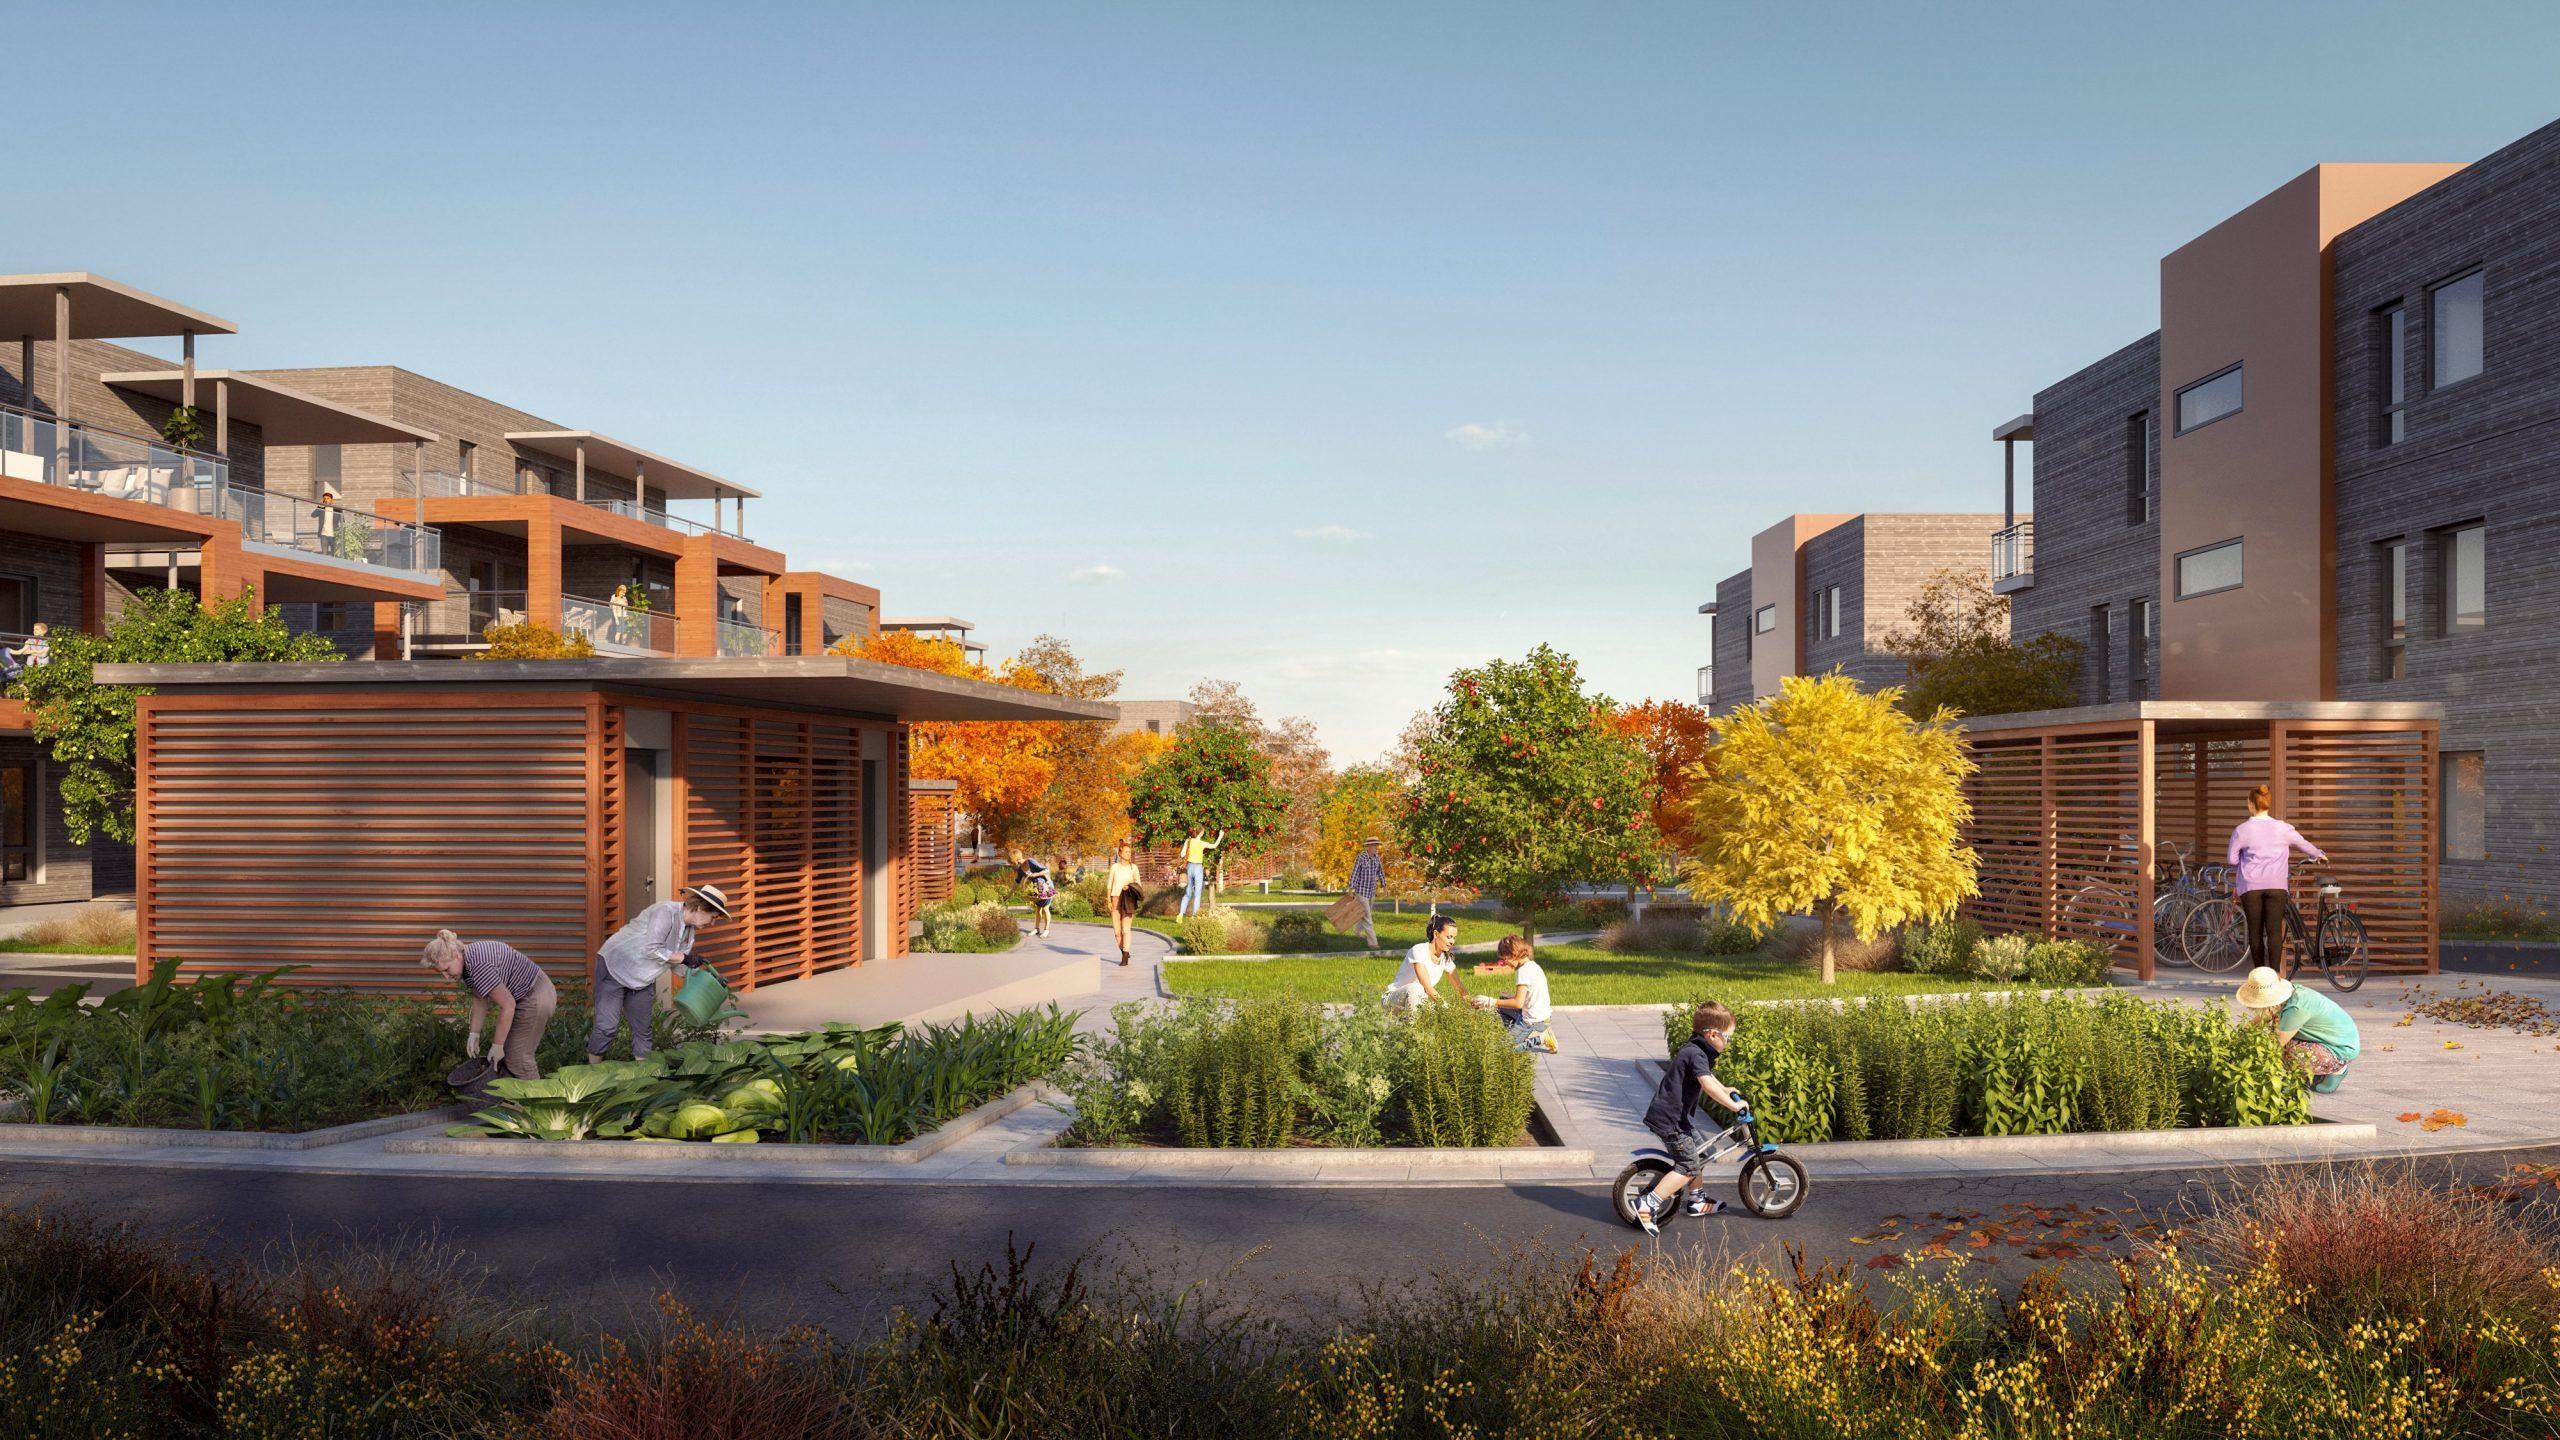 Illustrasjon av lave boligblokker med grønne områder mellom blokkene